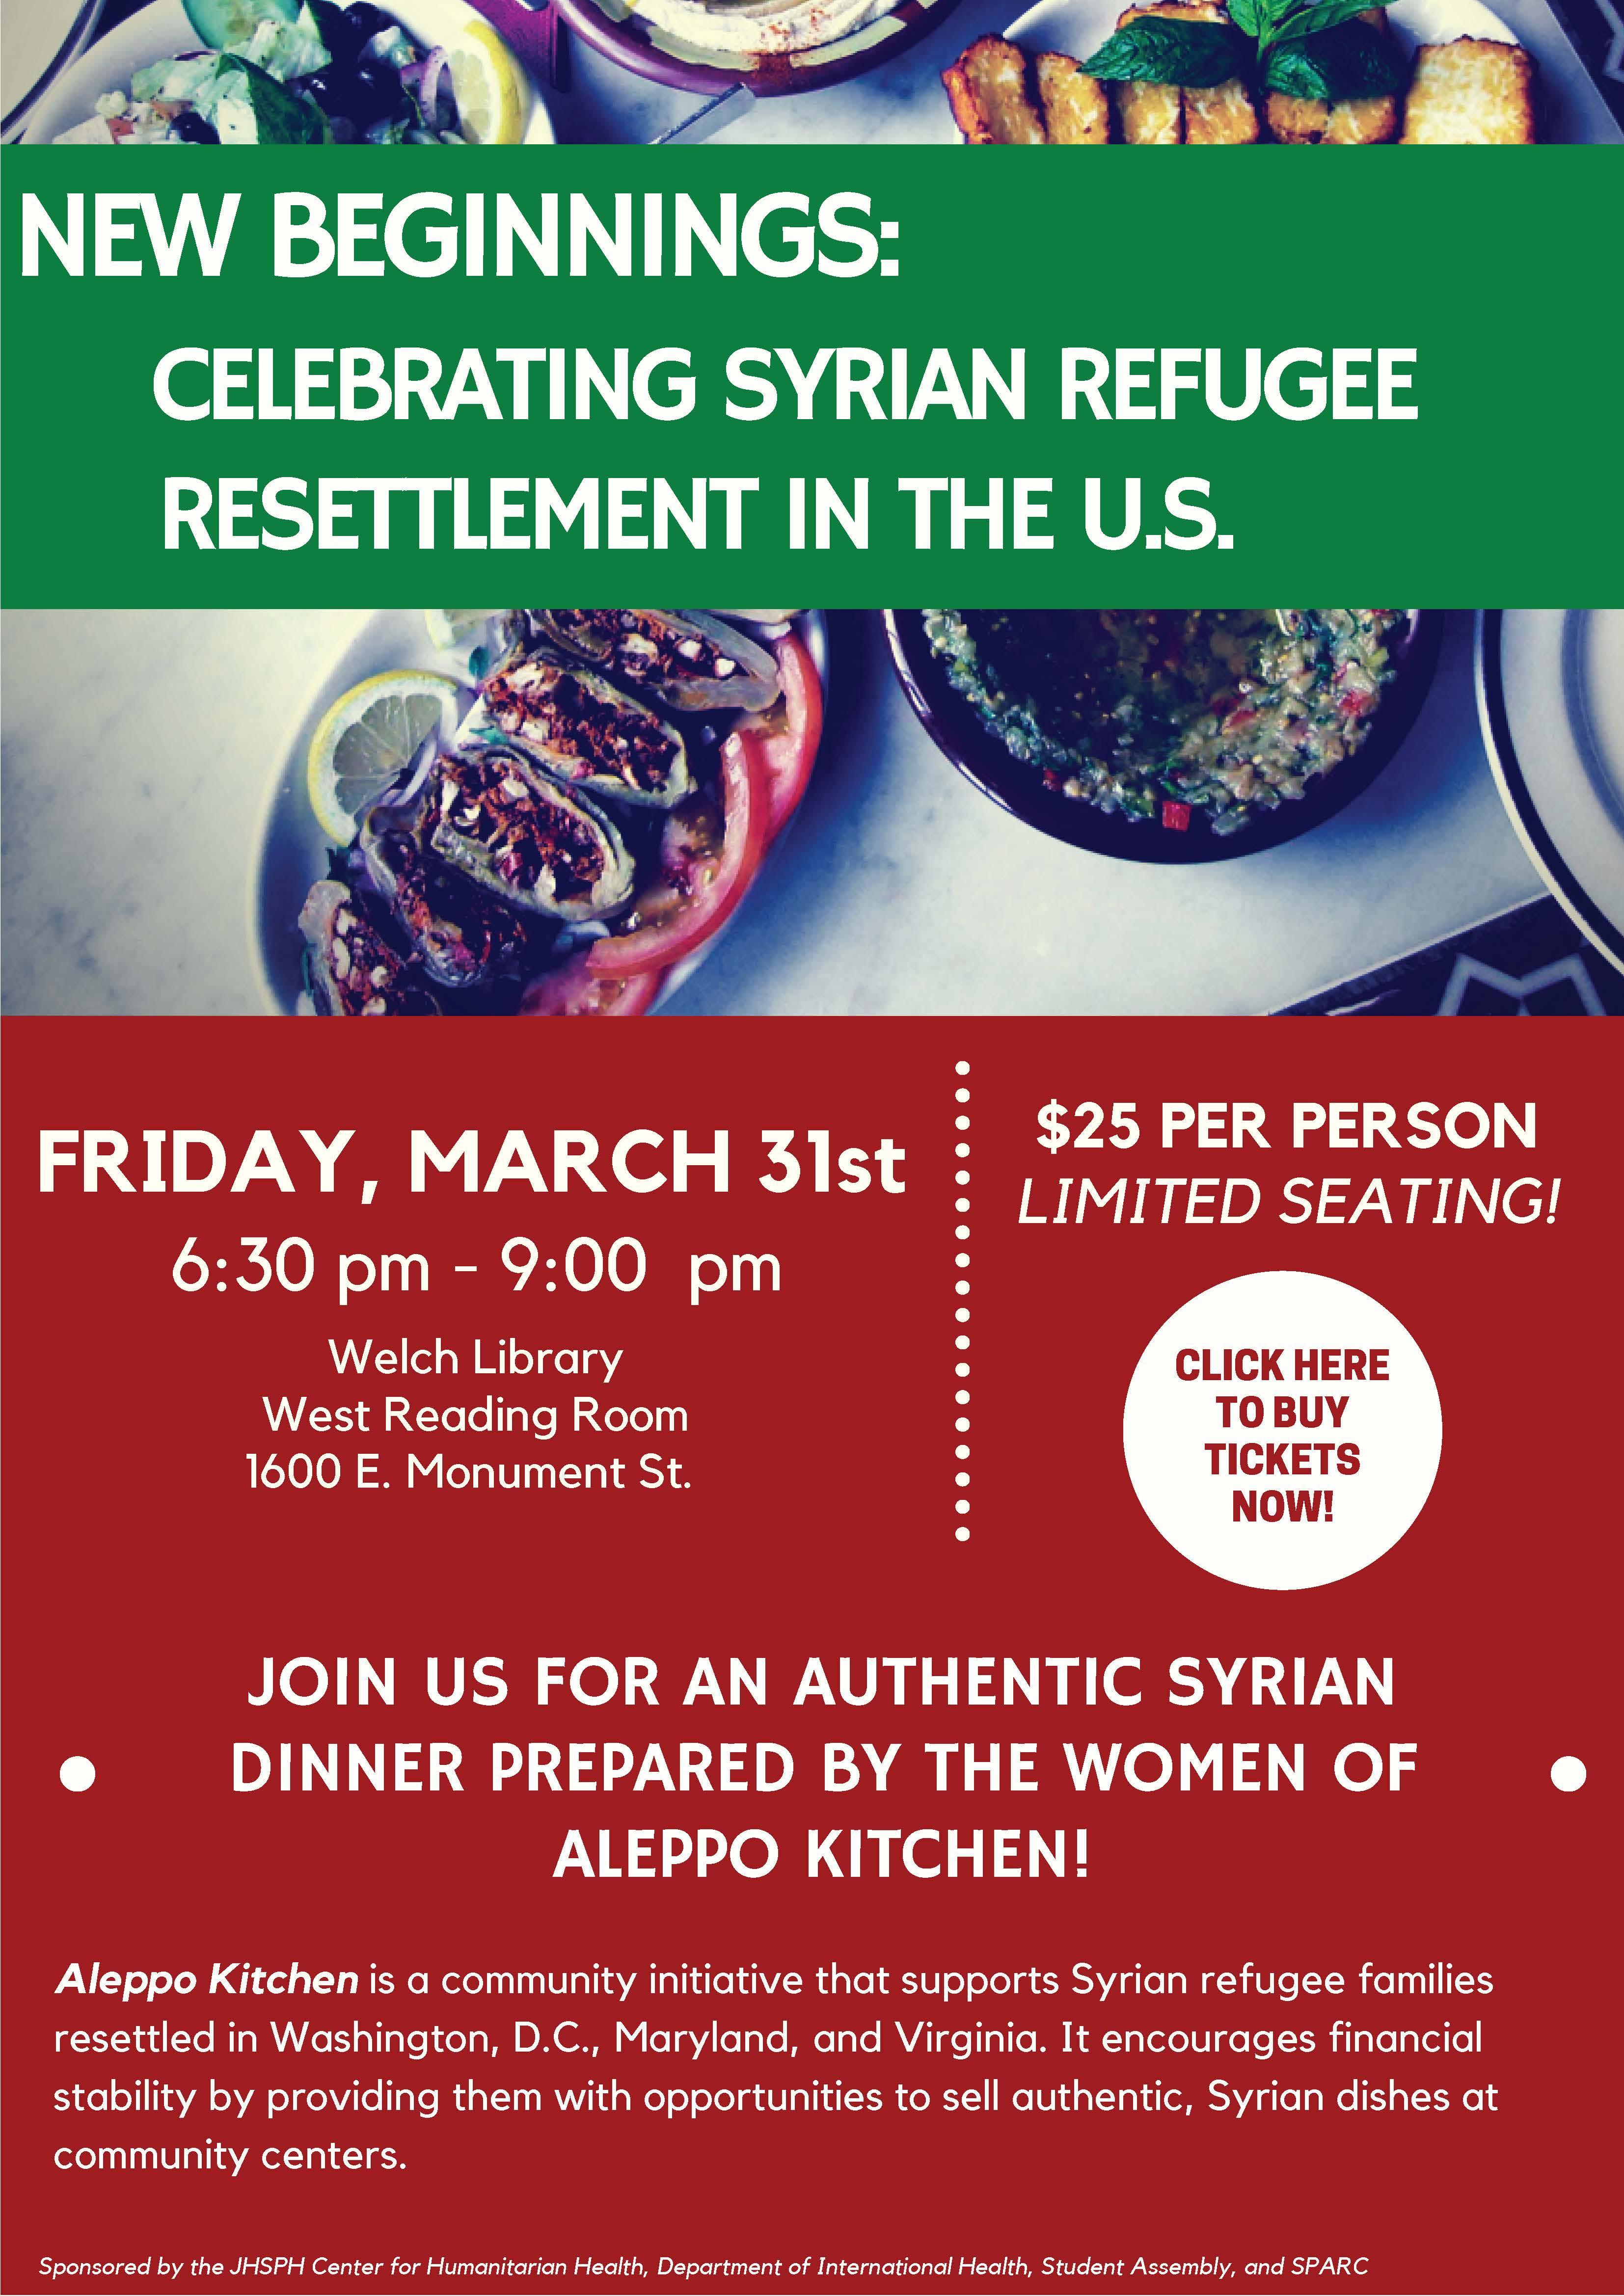 New Beginnings: Celebrating Syrian Refugee Resettlement